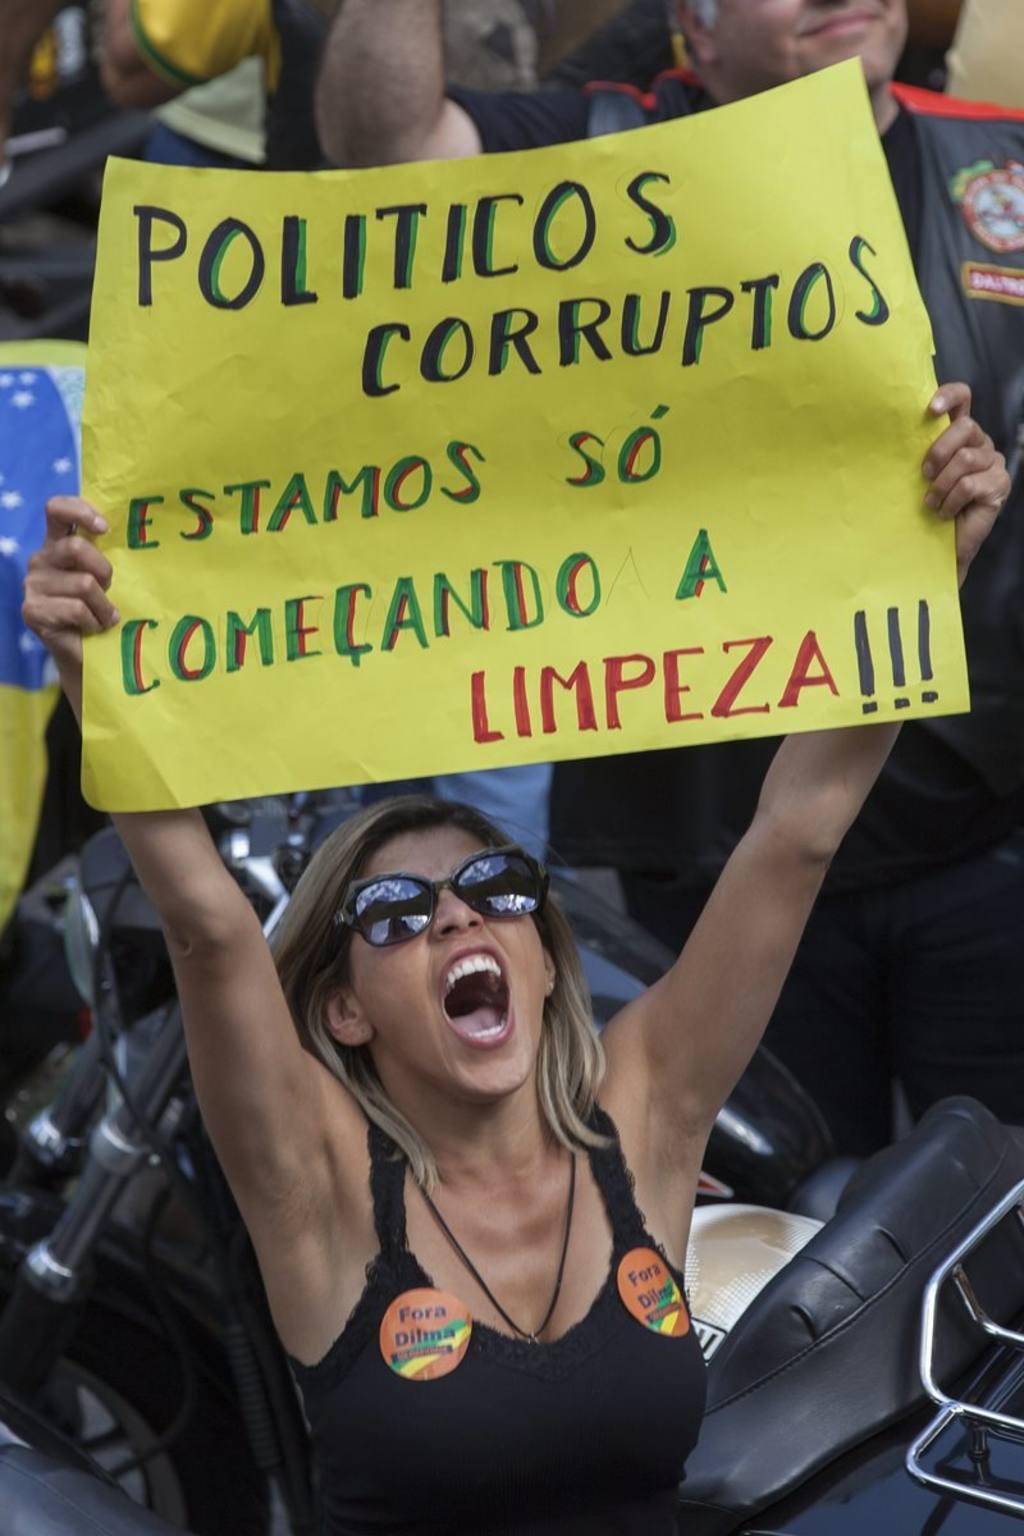 Una manifestante grita consignas durante una protesta contra el gobierno brasileño.